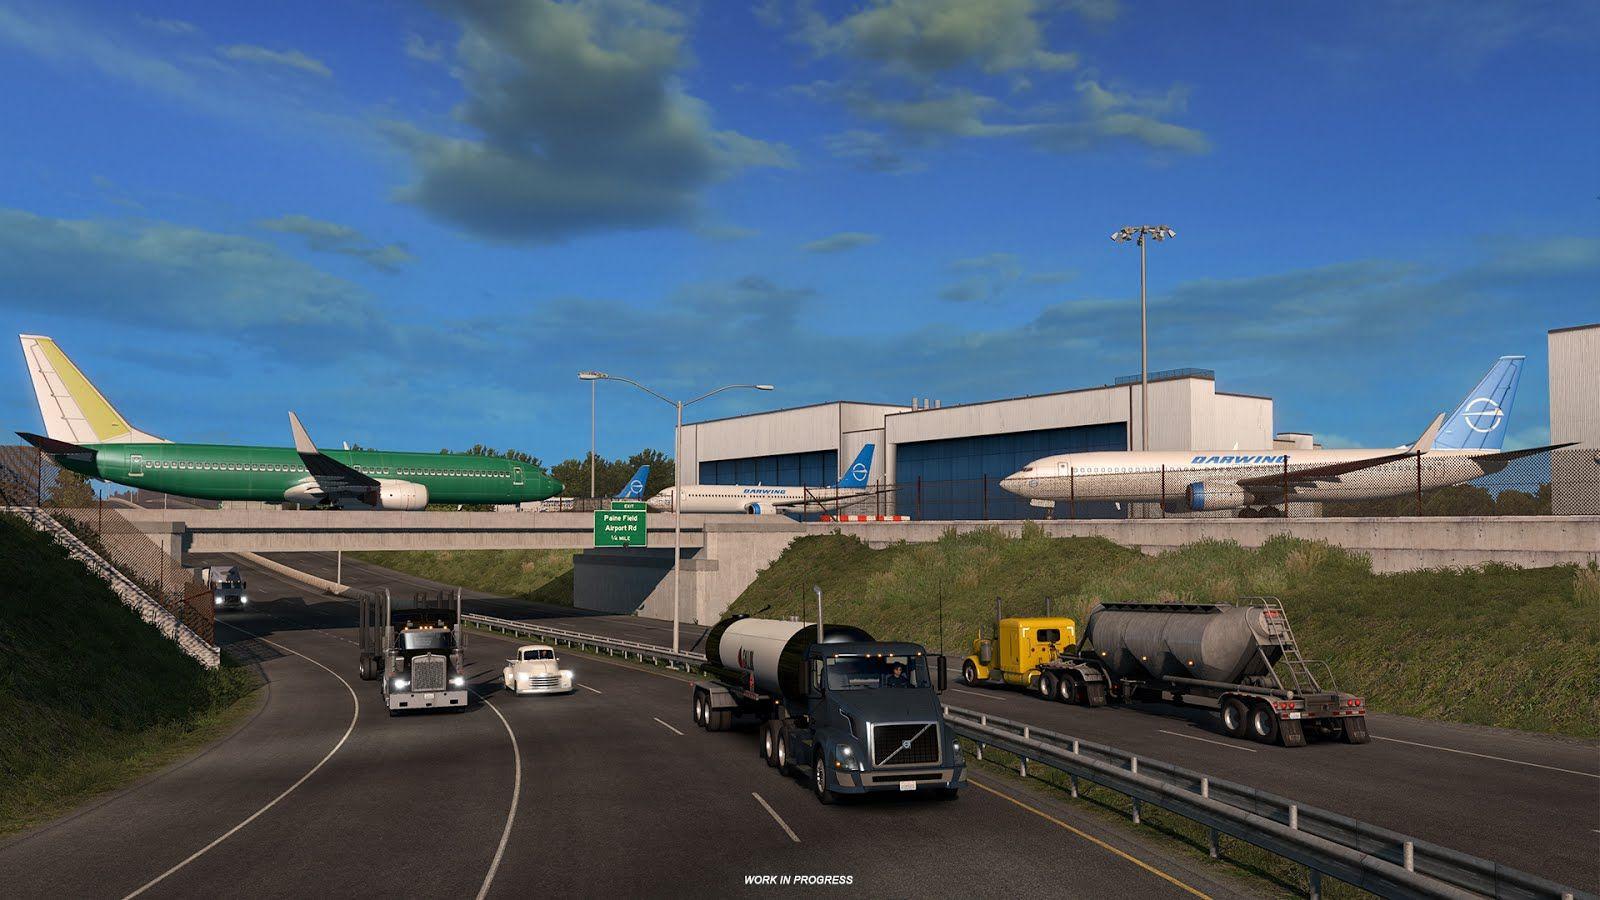 Эвереттский Аэрокосмический завод из дополнения American Truck Simulator – Washington